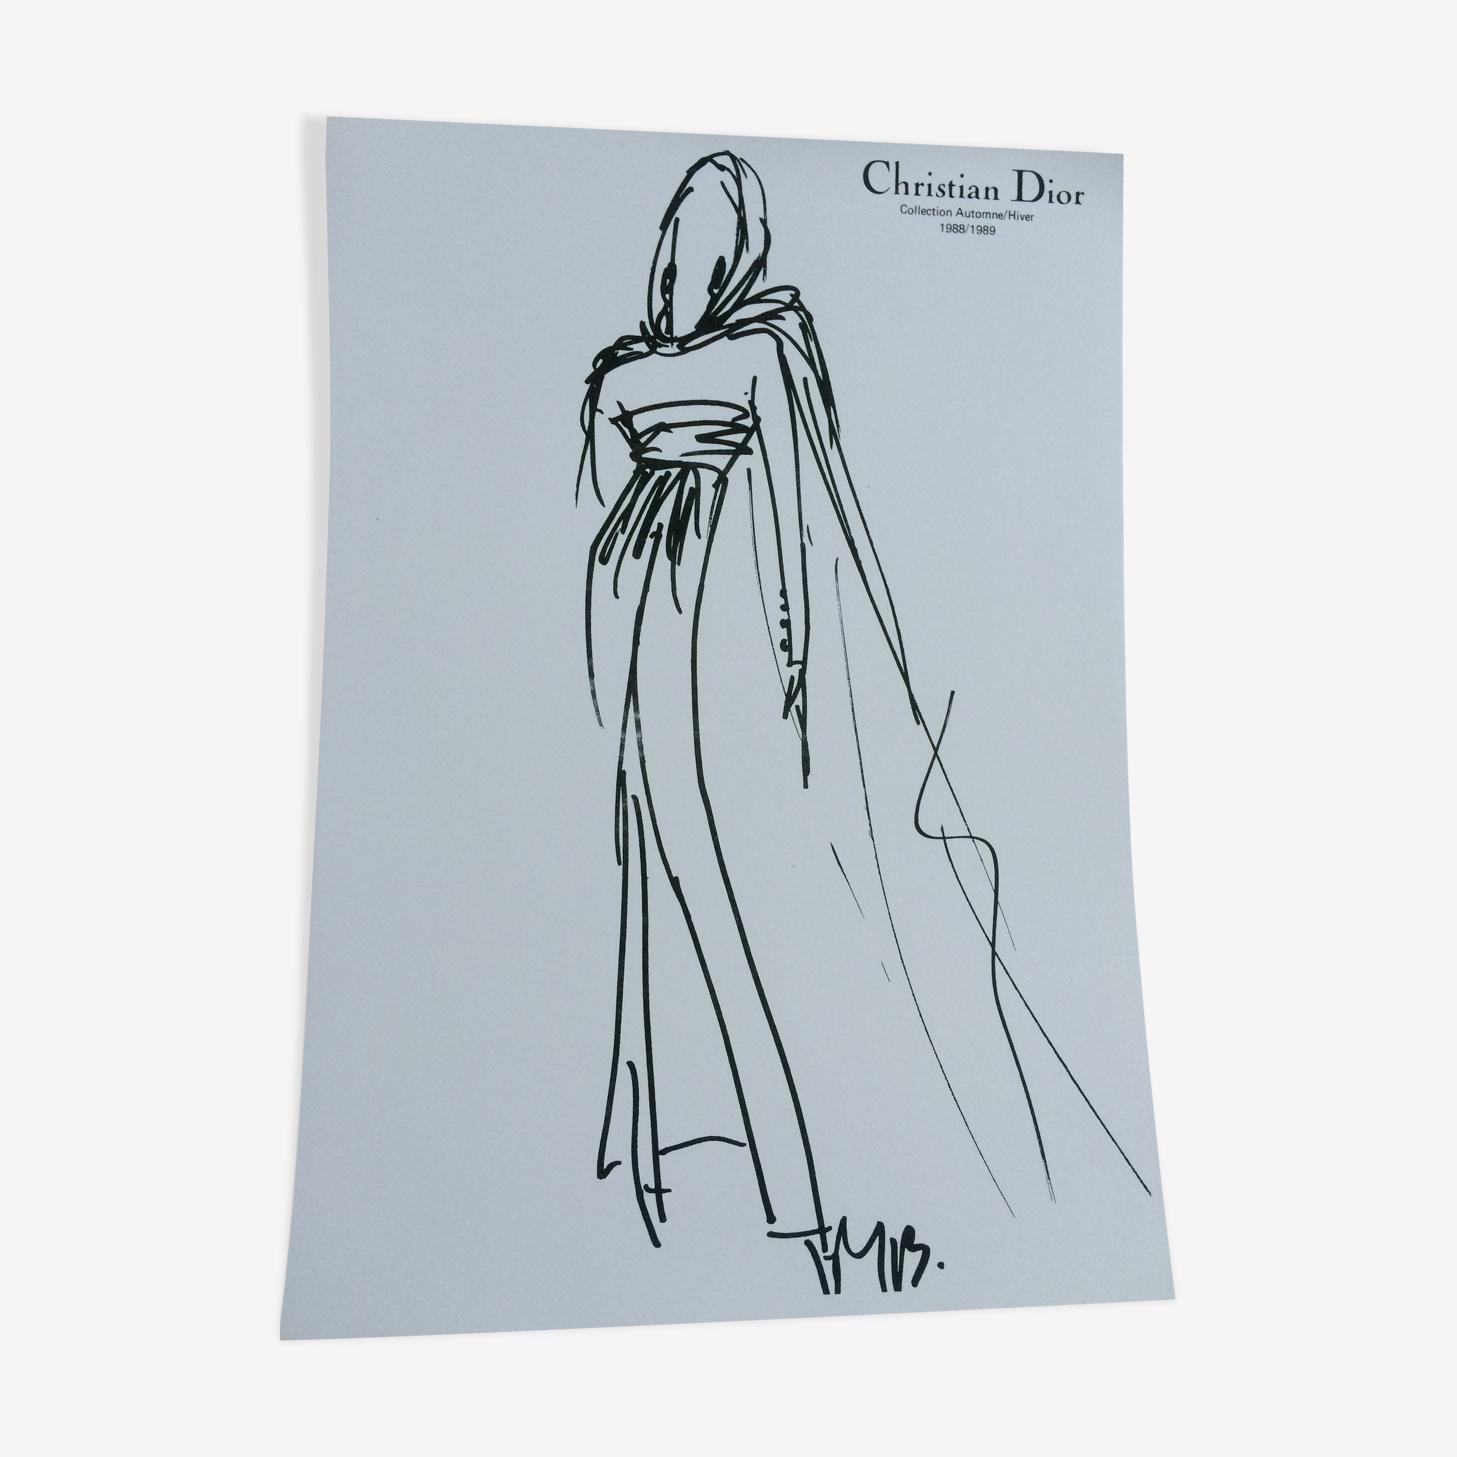 Christian dior: illustration de mode  vintage de presse des années 80